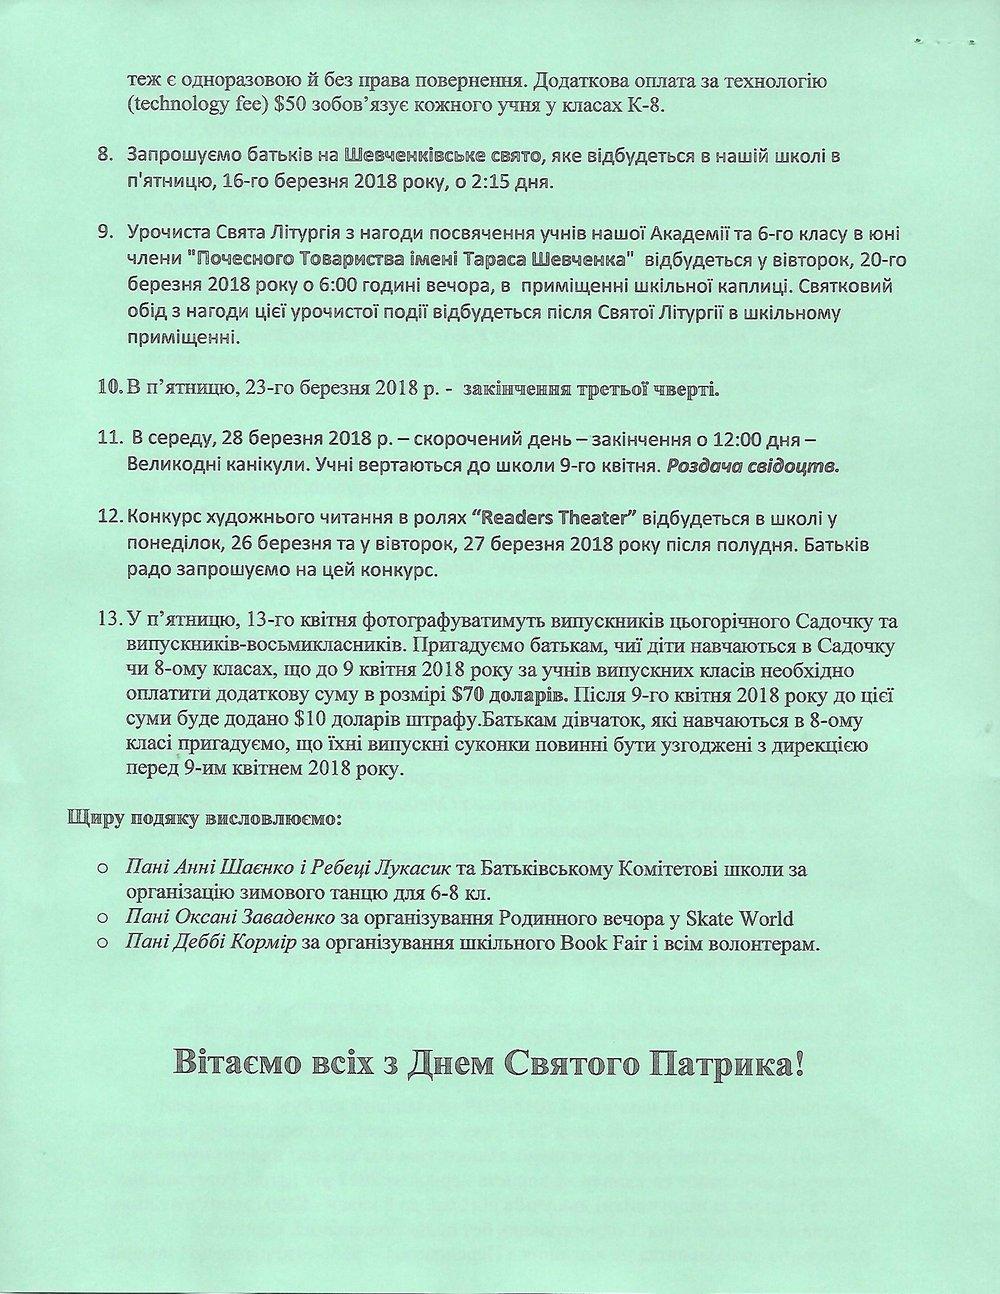 Bulletin Ukr 2.jpg